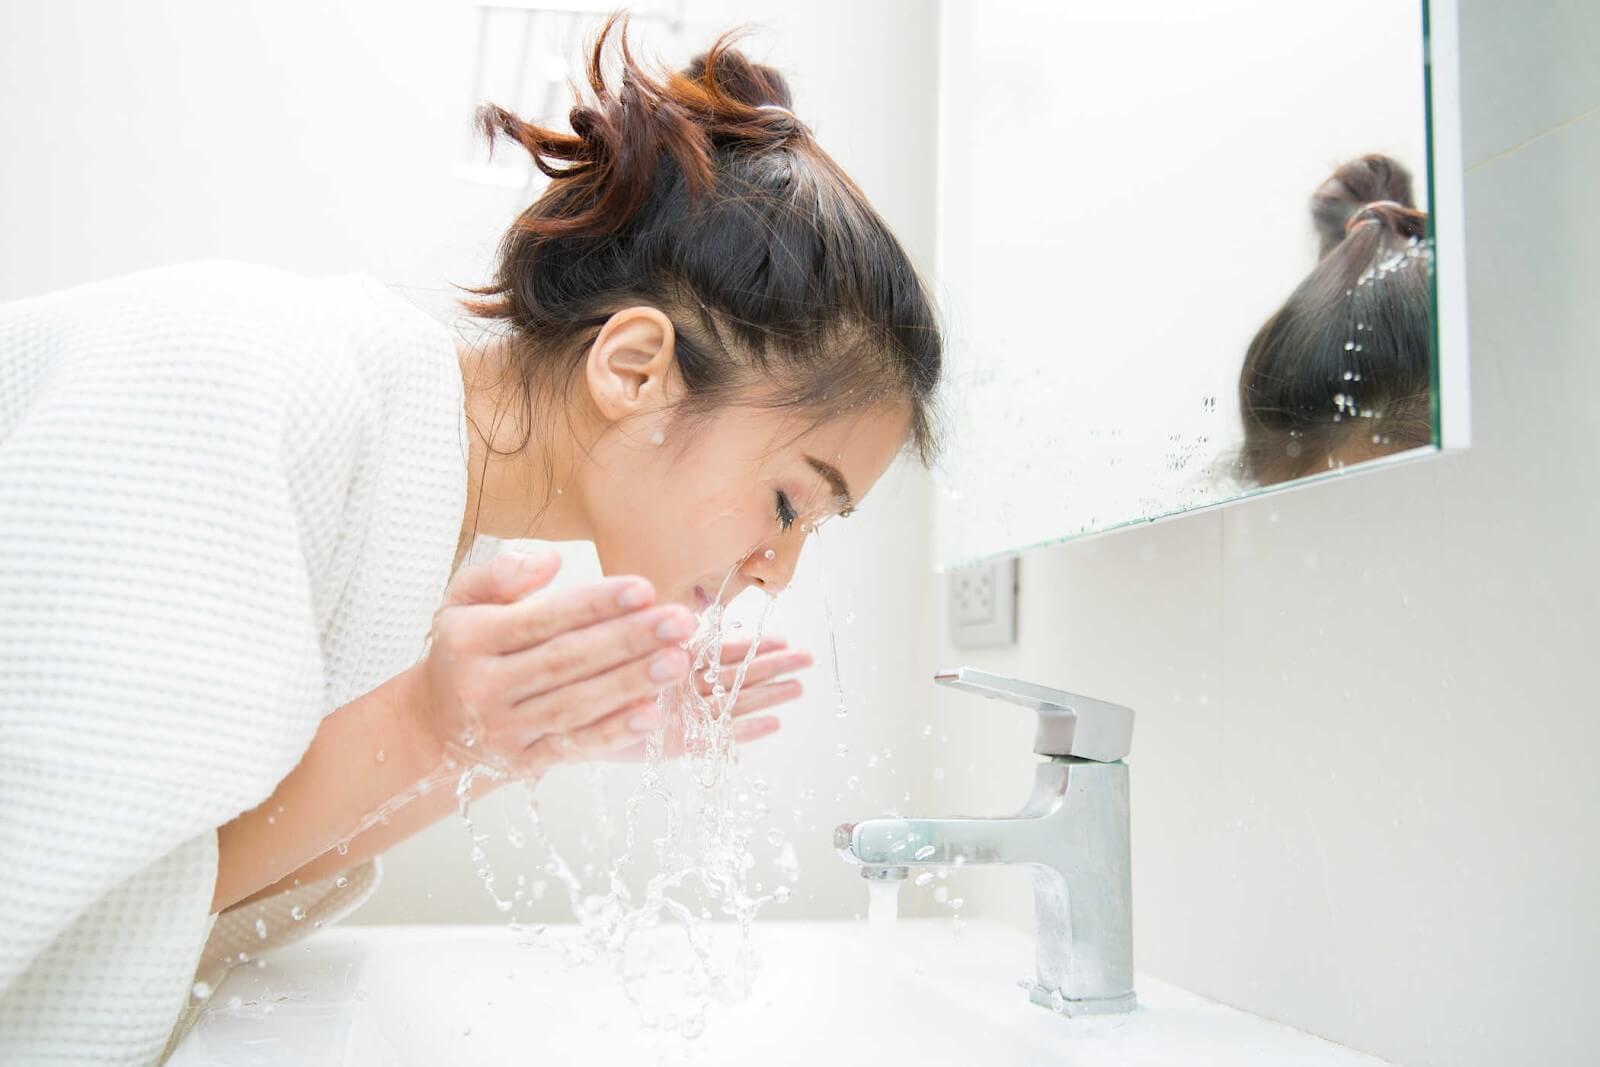 Rửa mặt là bước quan trọng để có làn da đẹp